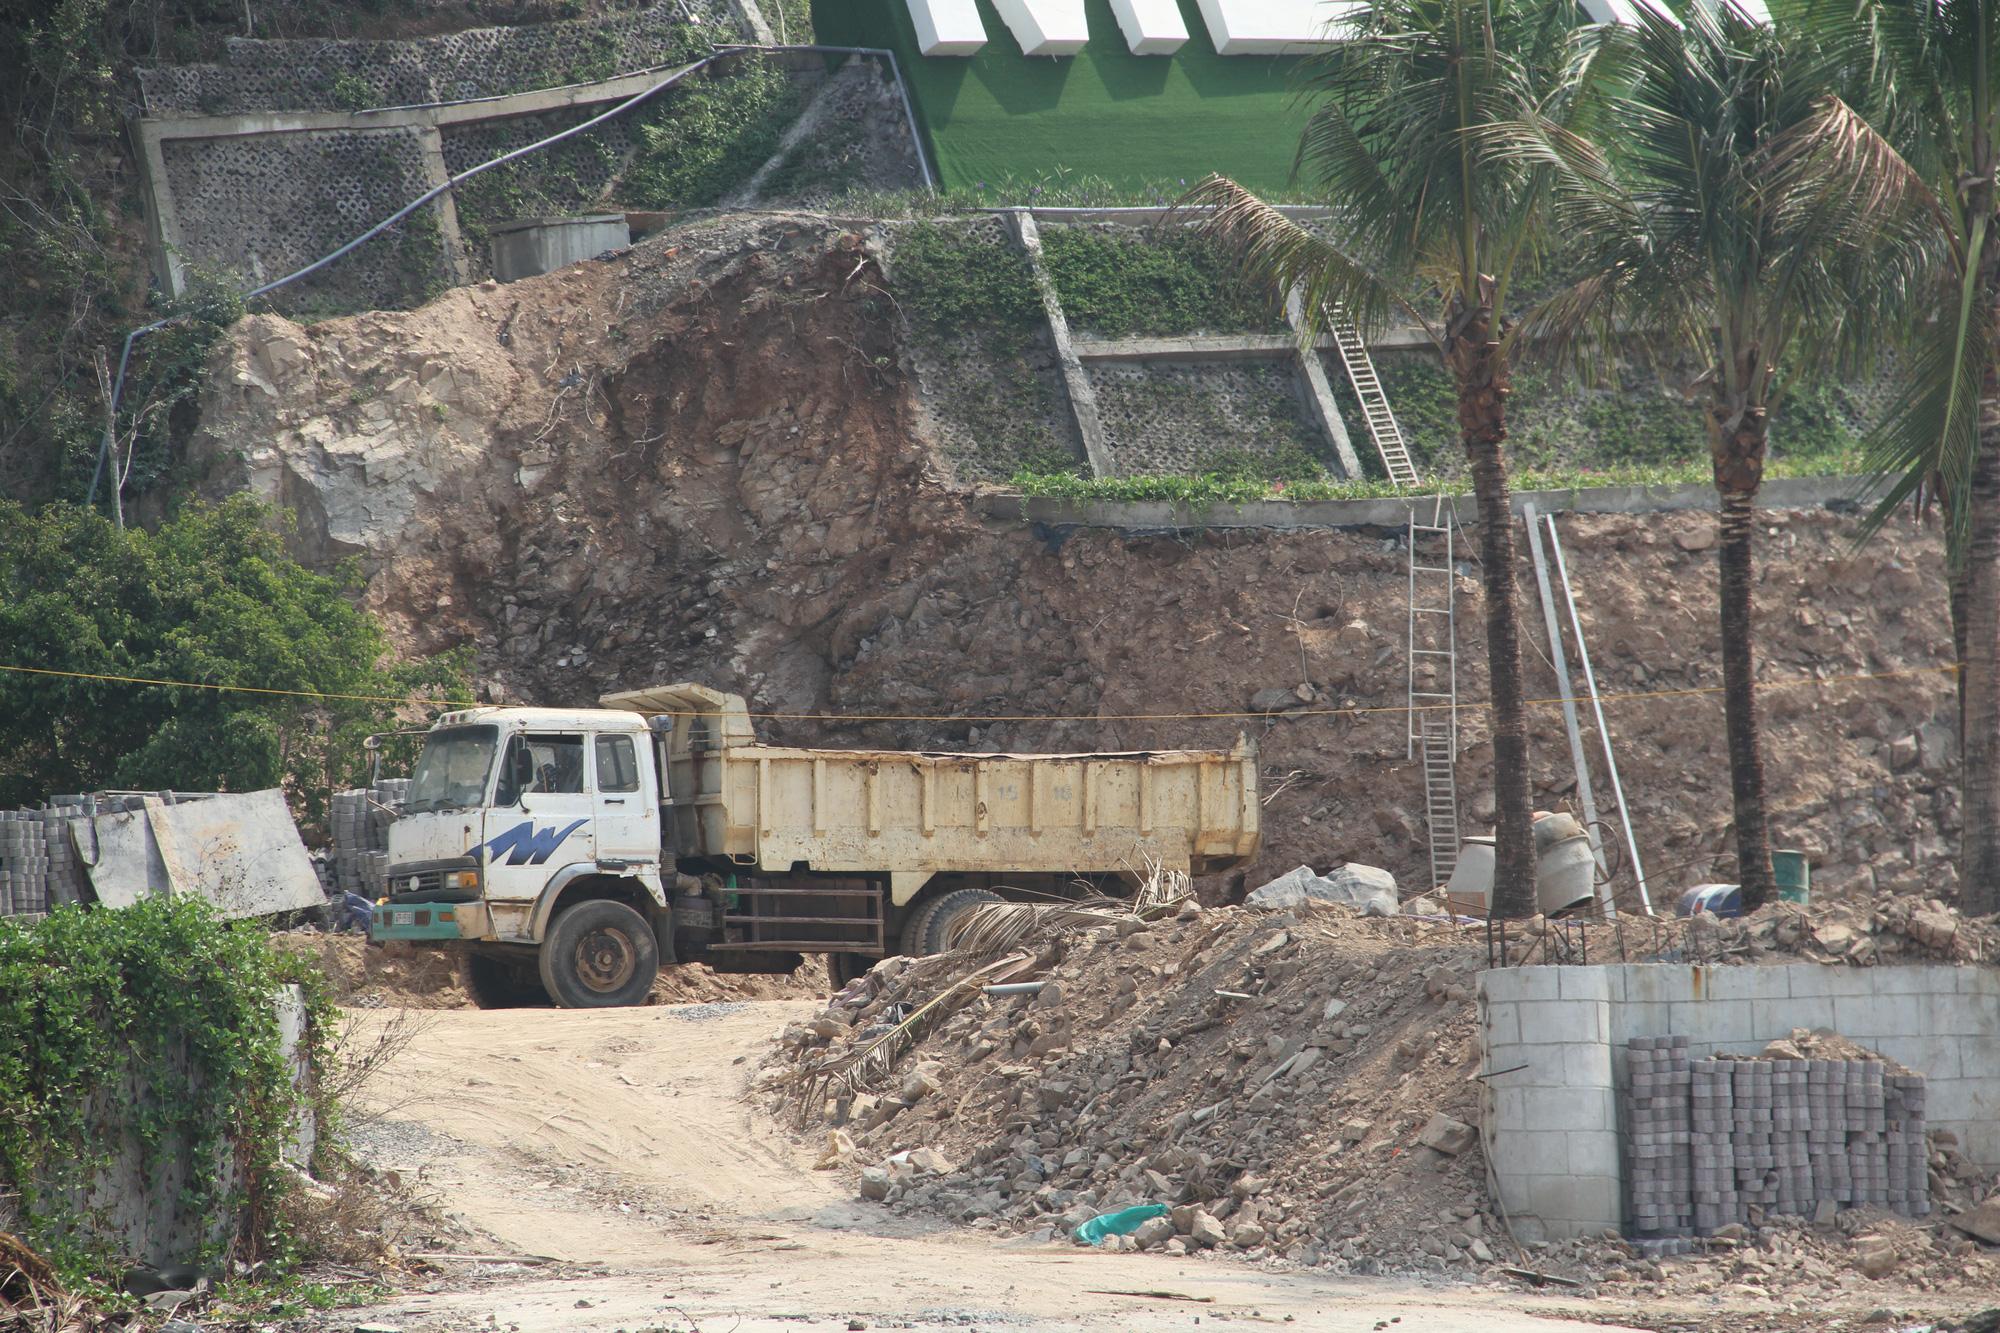 KDL Hòn Tằm bị xử phạt vì xây dựng công trình sai phép trong khu vực vịnh Nha Trang - Ảnh 2.